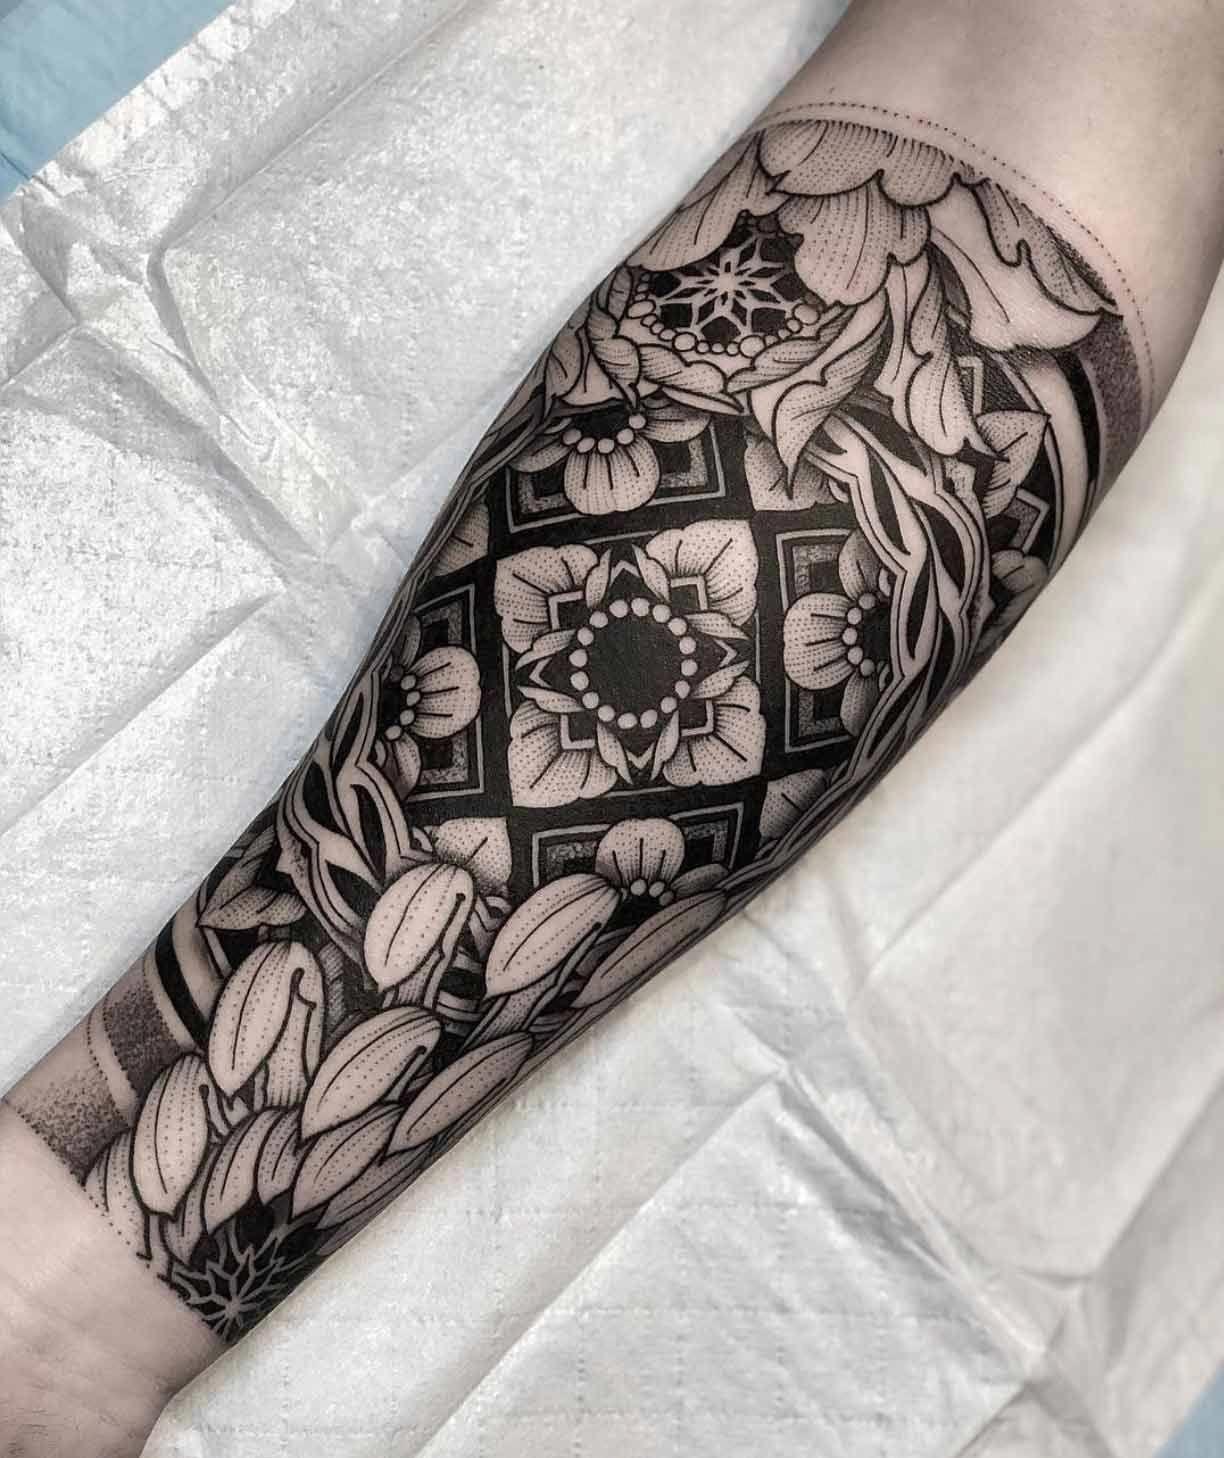 Half Sleeve Tattoos Lower Arm Halfsleevetattoos Half Sleeve Tattoos Lower Arm Hal In 2020 Half Sleeve Tattoos Designs Half Sleeve Tattoo Half Sleeve Tattoos Color